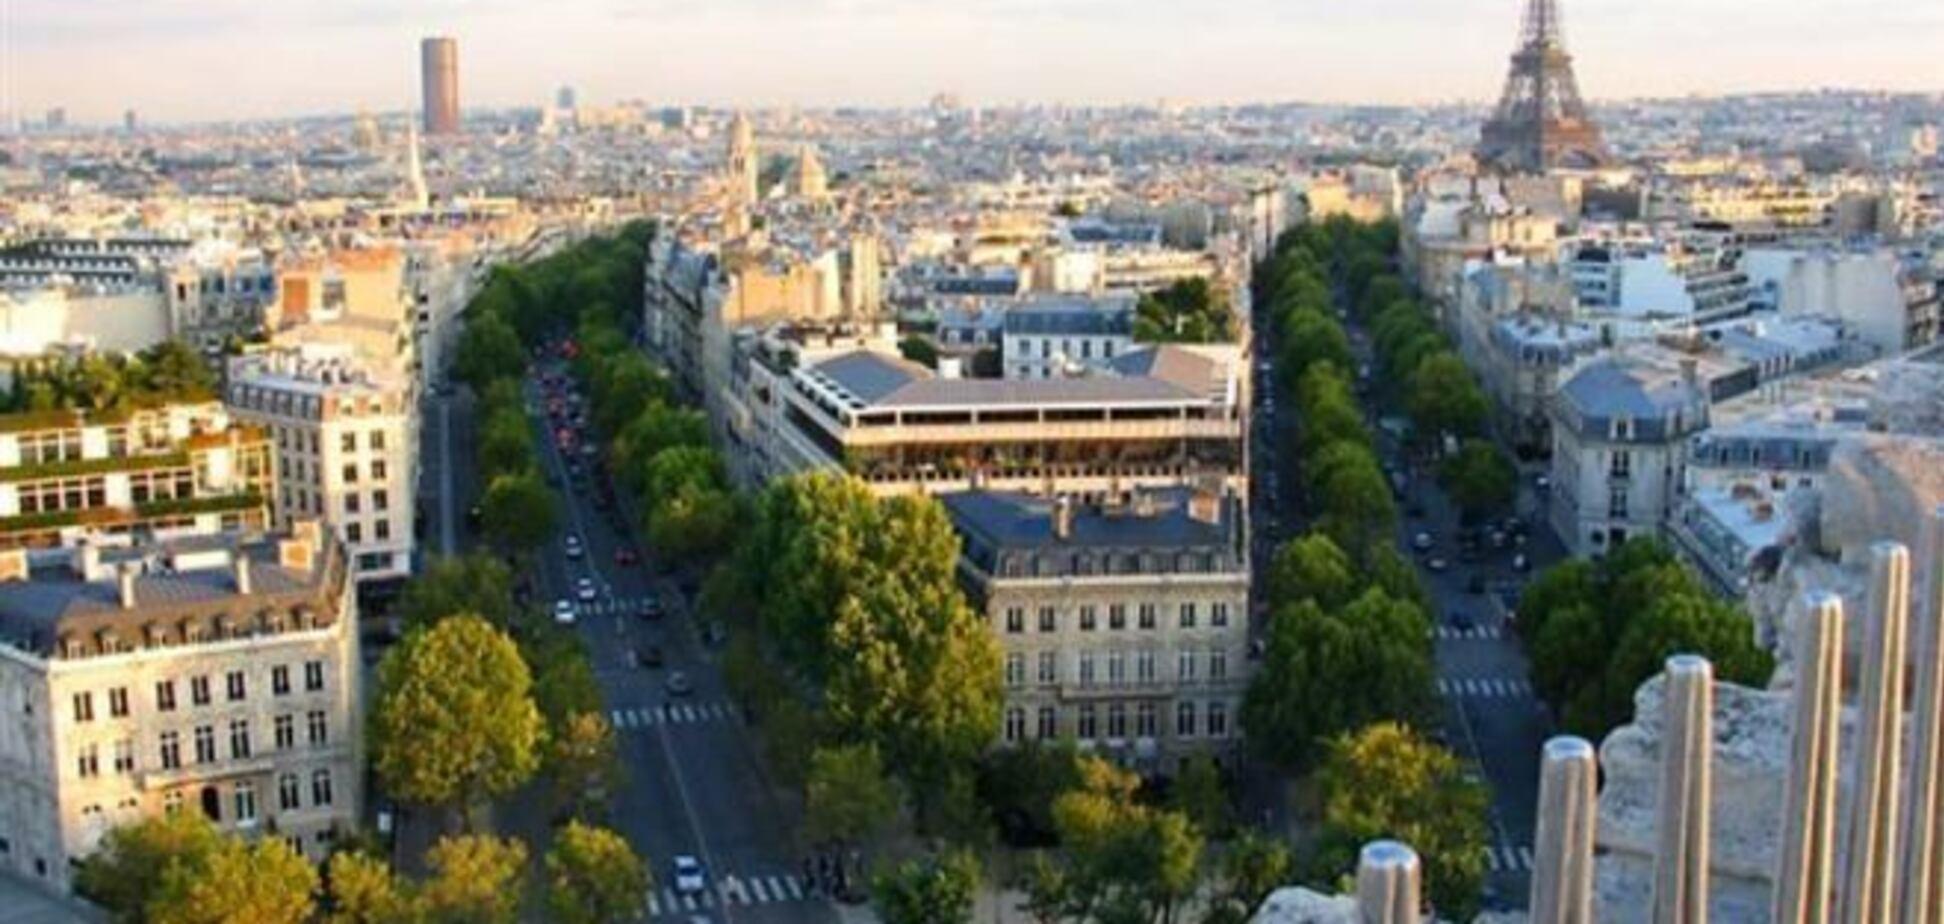 Приобрести недвижимость во Франции могут позволить себе зарабатывающие €4,5 тыс.